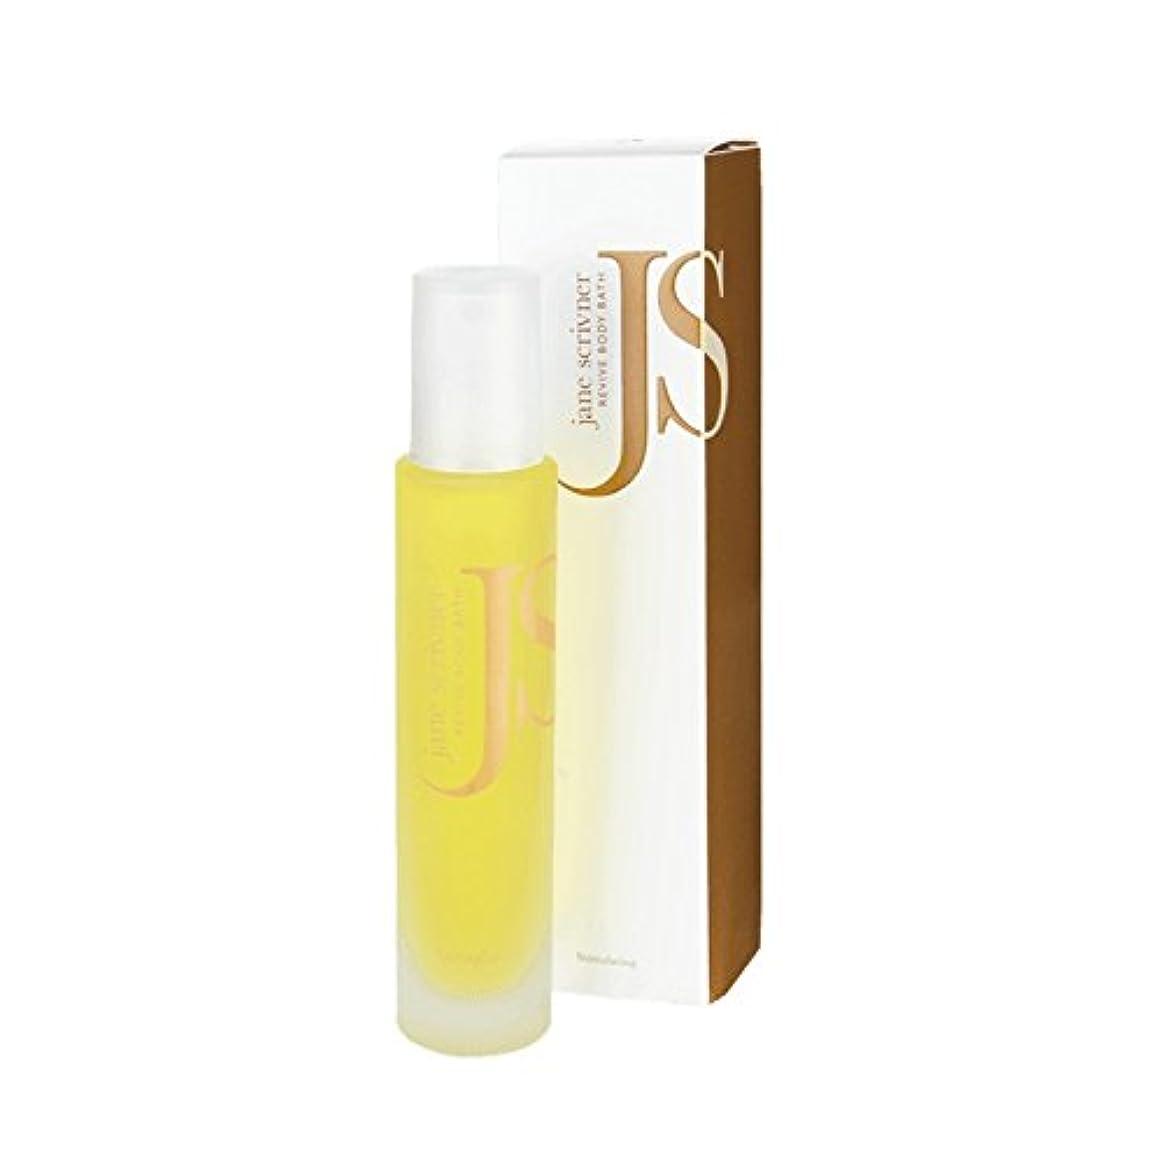 比較的ヶ月目針Jane Scrivner Body Bath Oil Revive 100ml (Pack of 6) - ジェーンScrivnerボディバスオイル100ミリリットルを復活させます (x6) [並行輸入品]